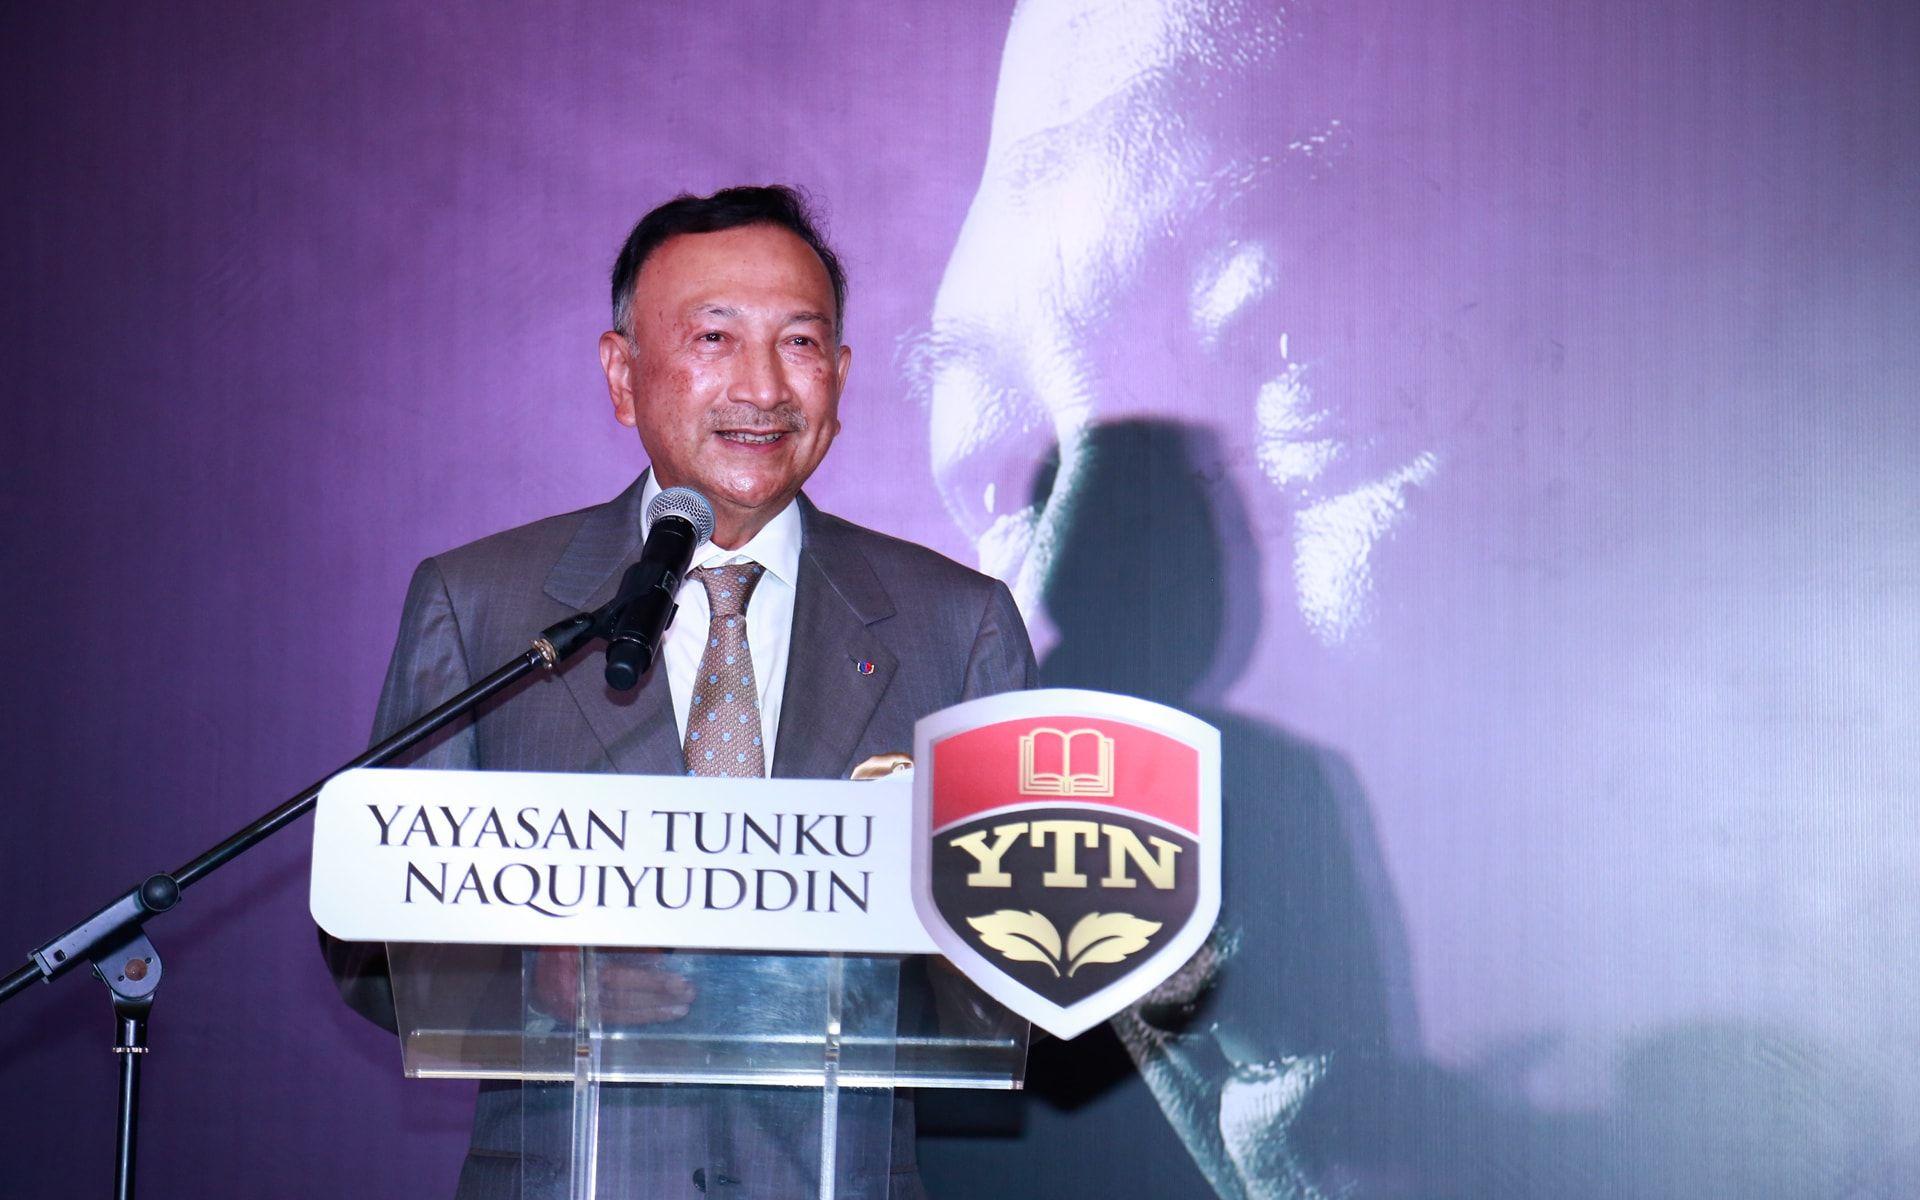 Tunku Naquiyuddin